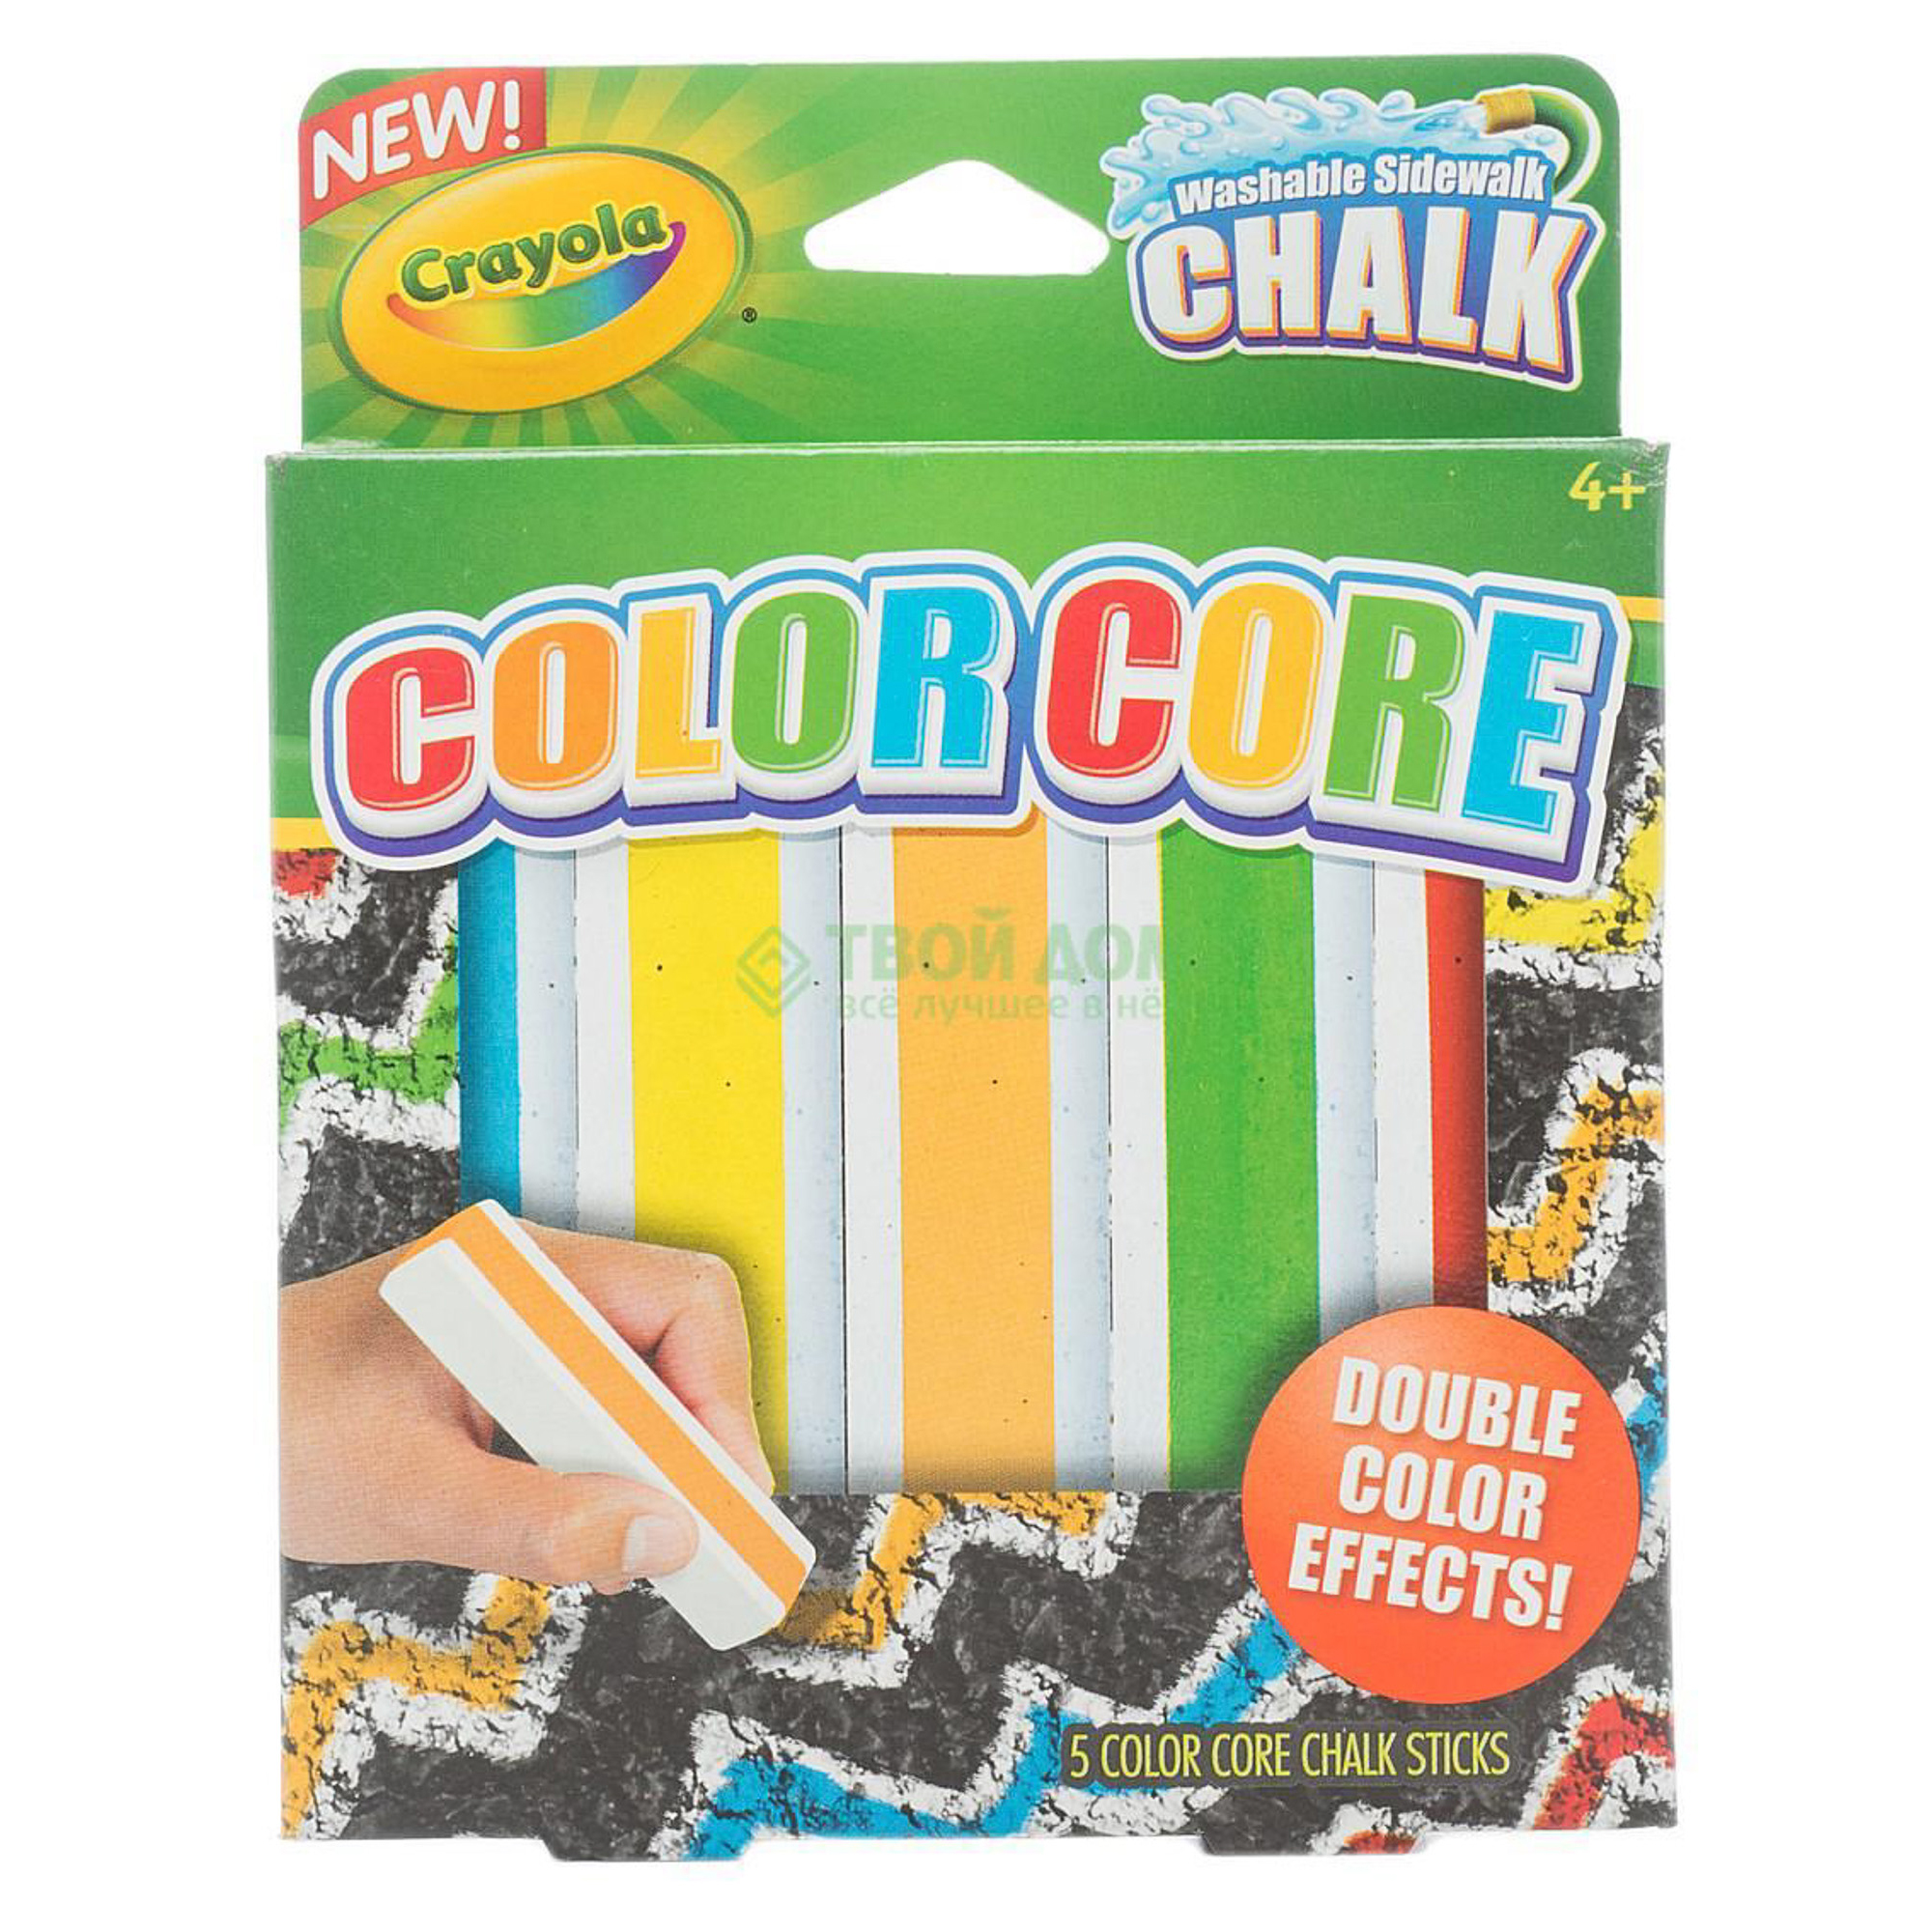 Купить Crayola Набор мела с цветным стержнем для асфальта 5 цветов, Китай, унисекс, Наборы для рисования